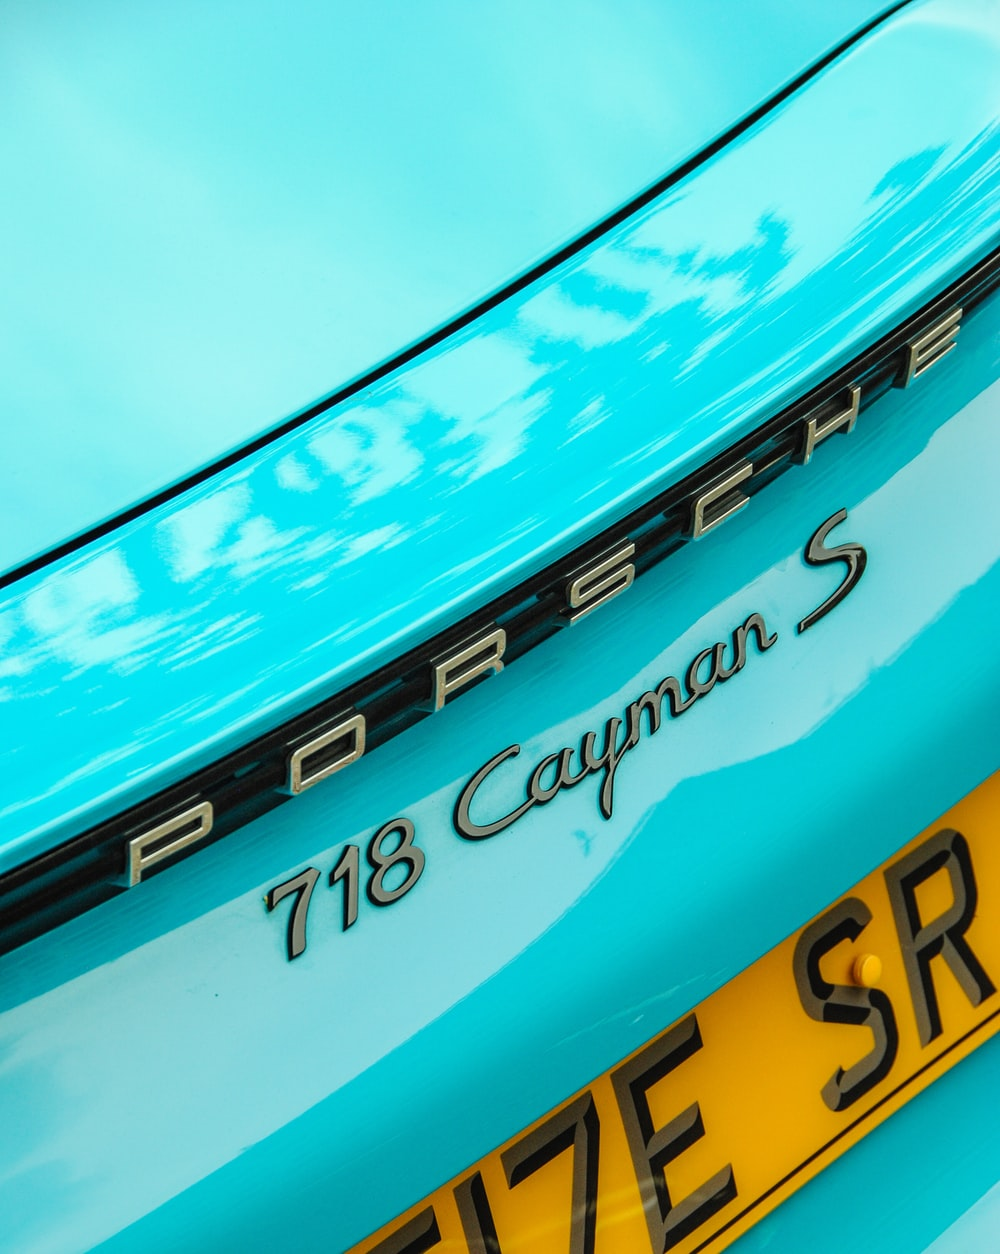 teal Porsche Cayman 718 S